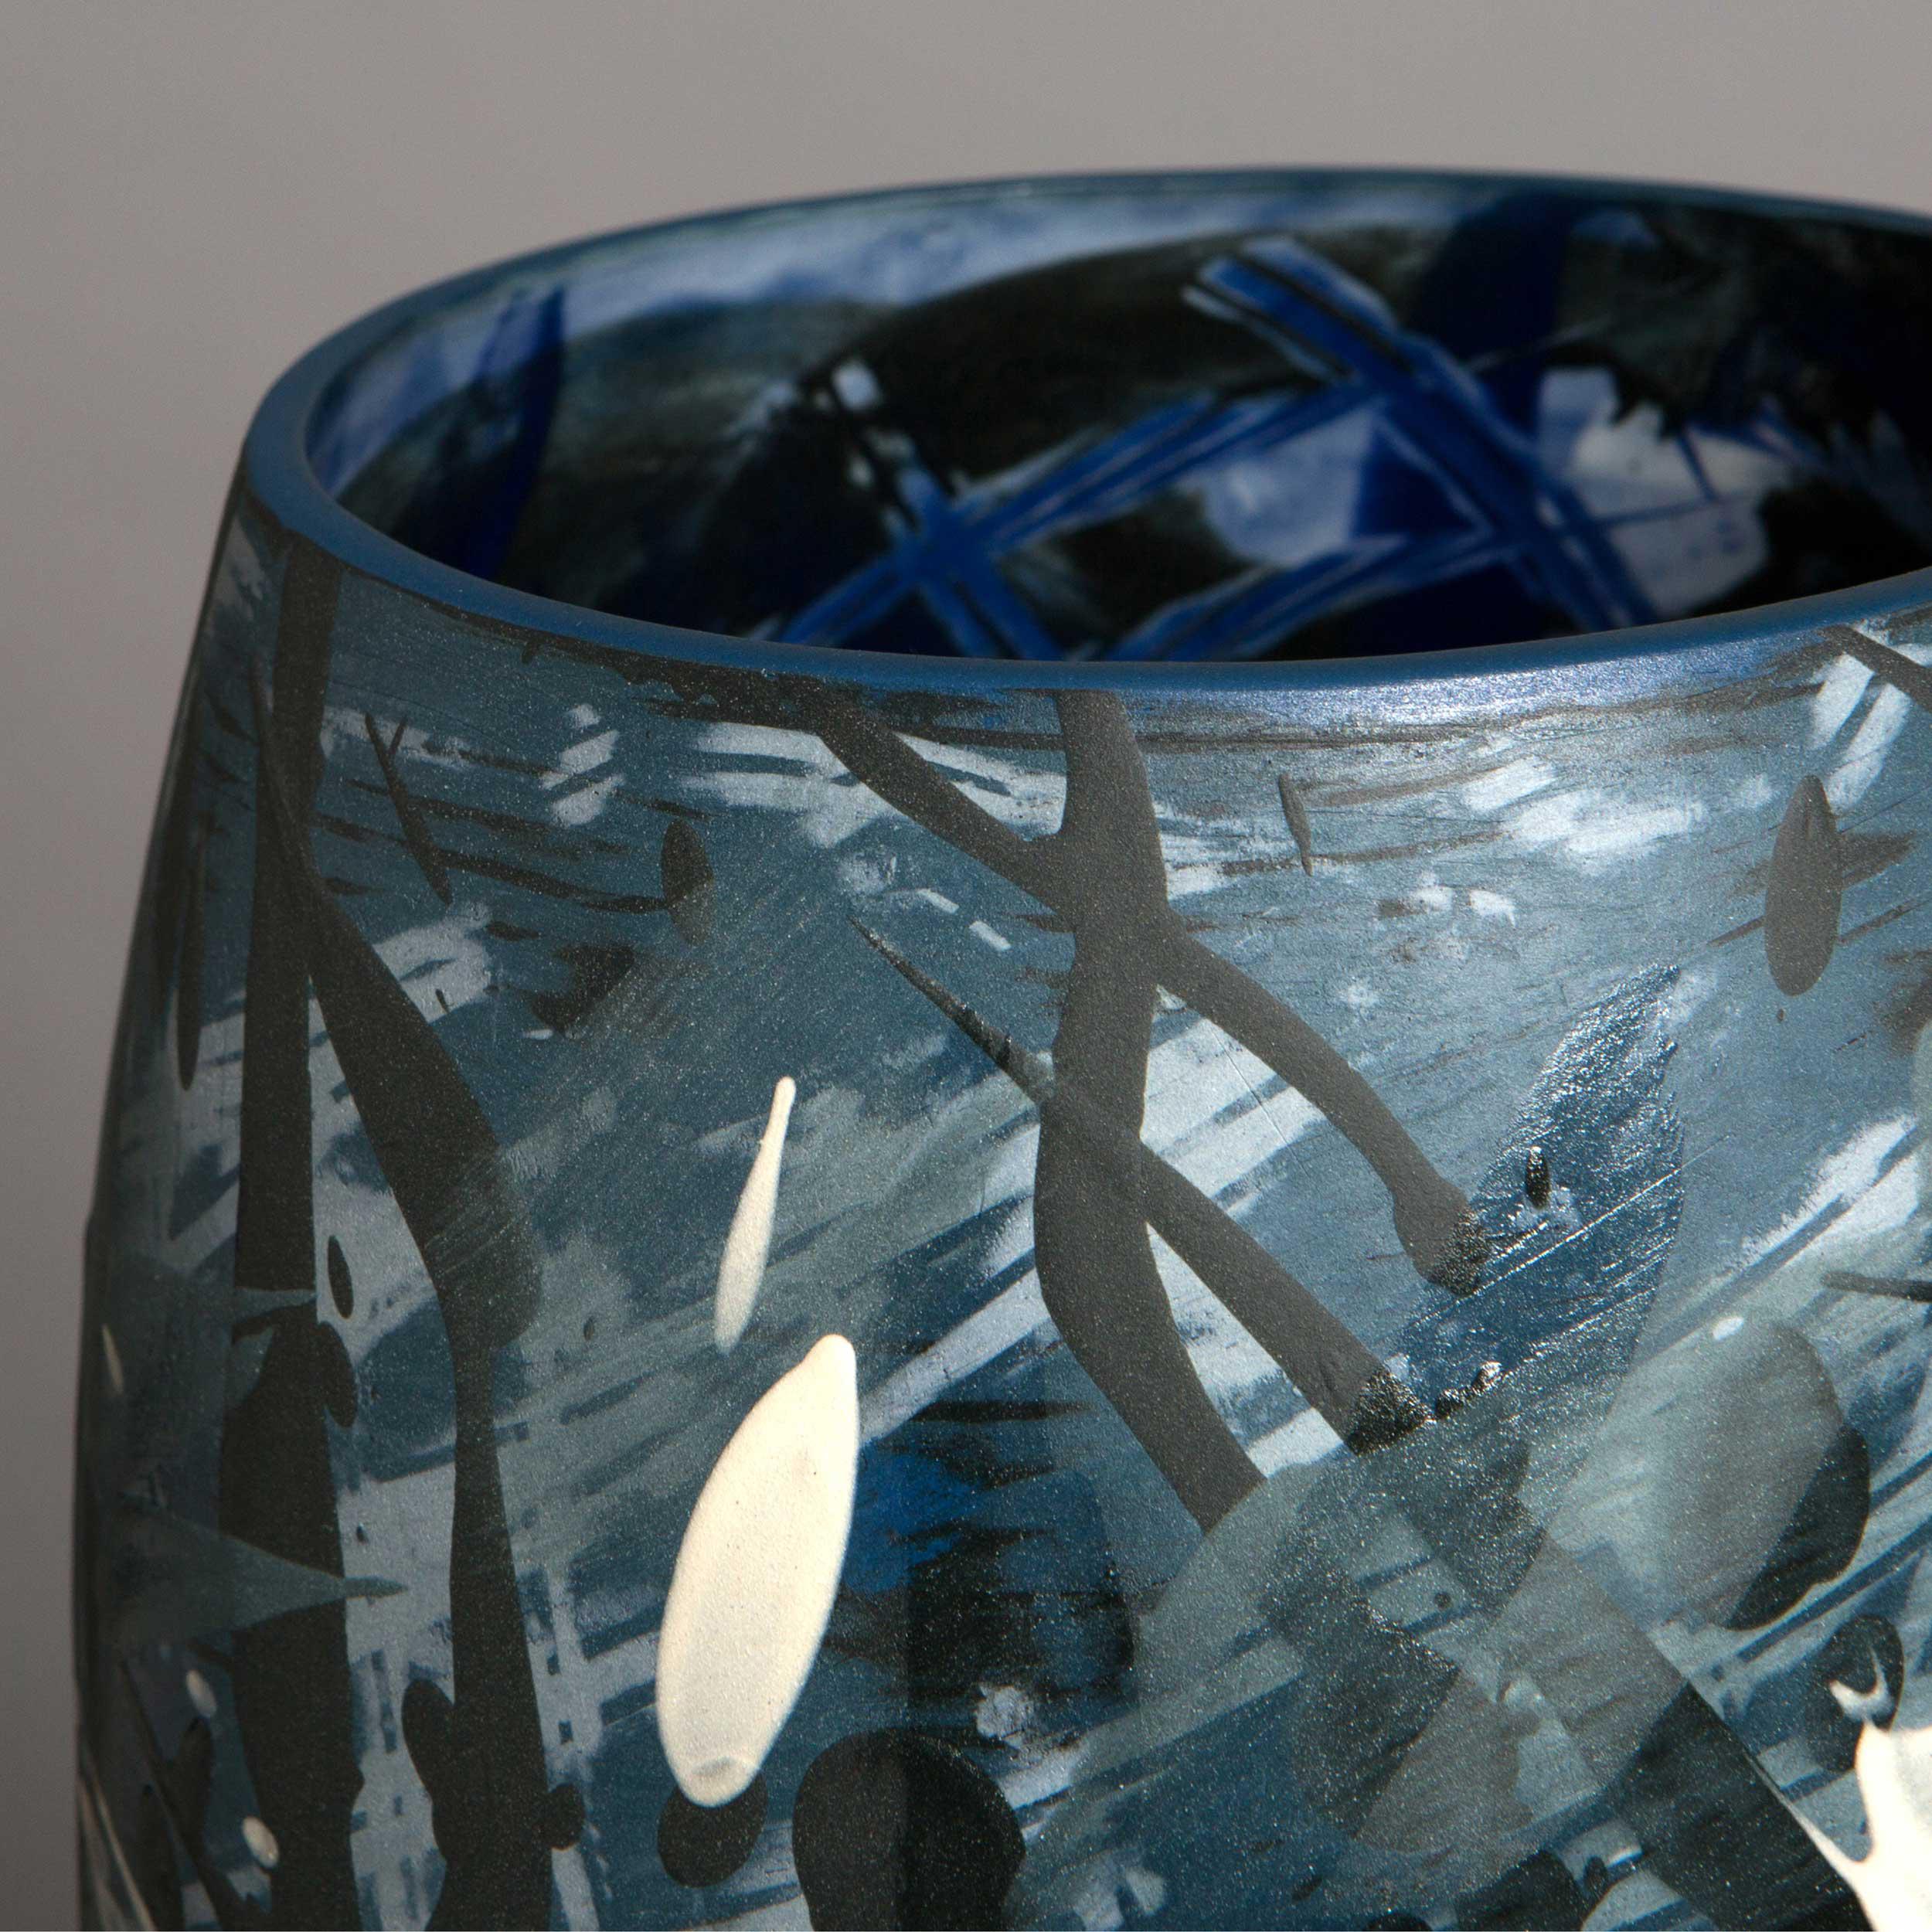 Splashing Waves Ceramic Vase Detail by Rowena Gilbert